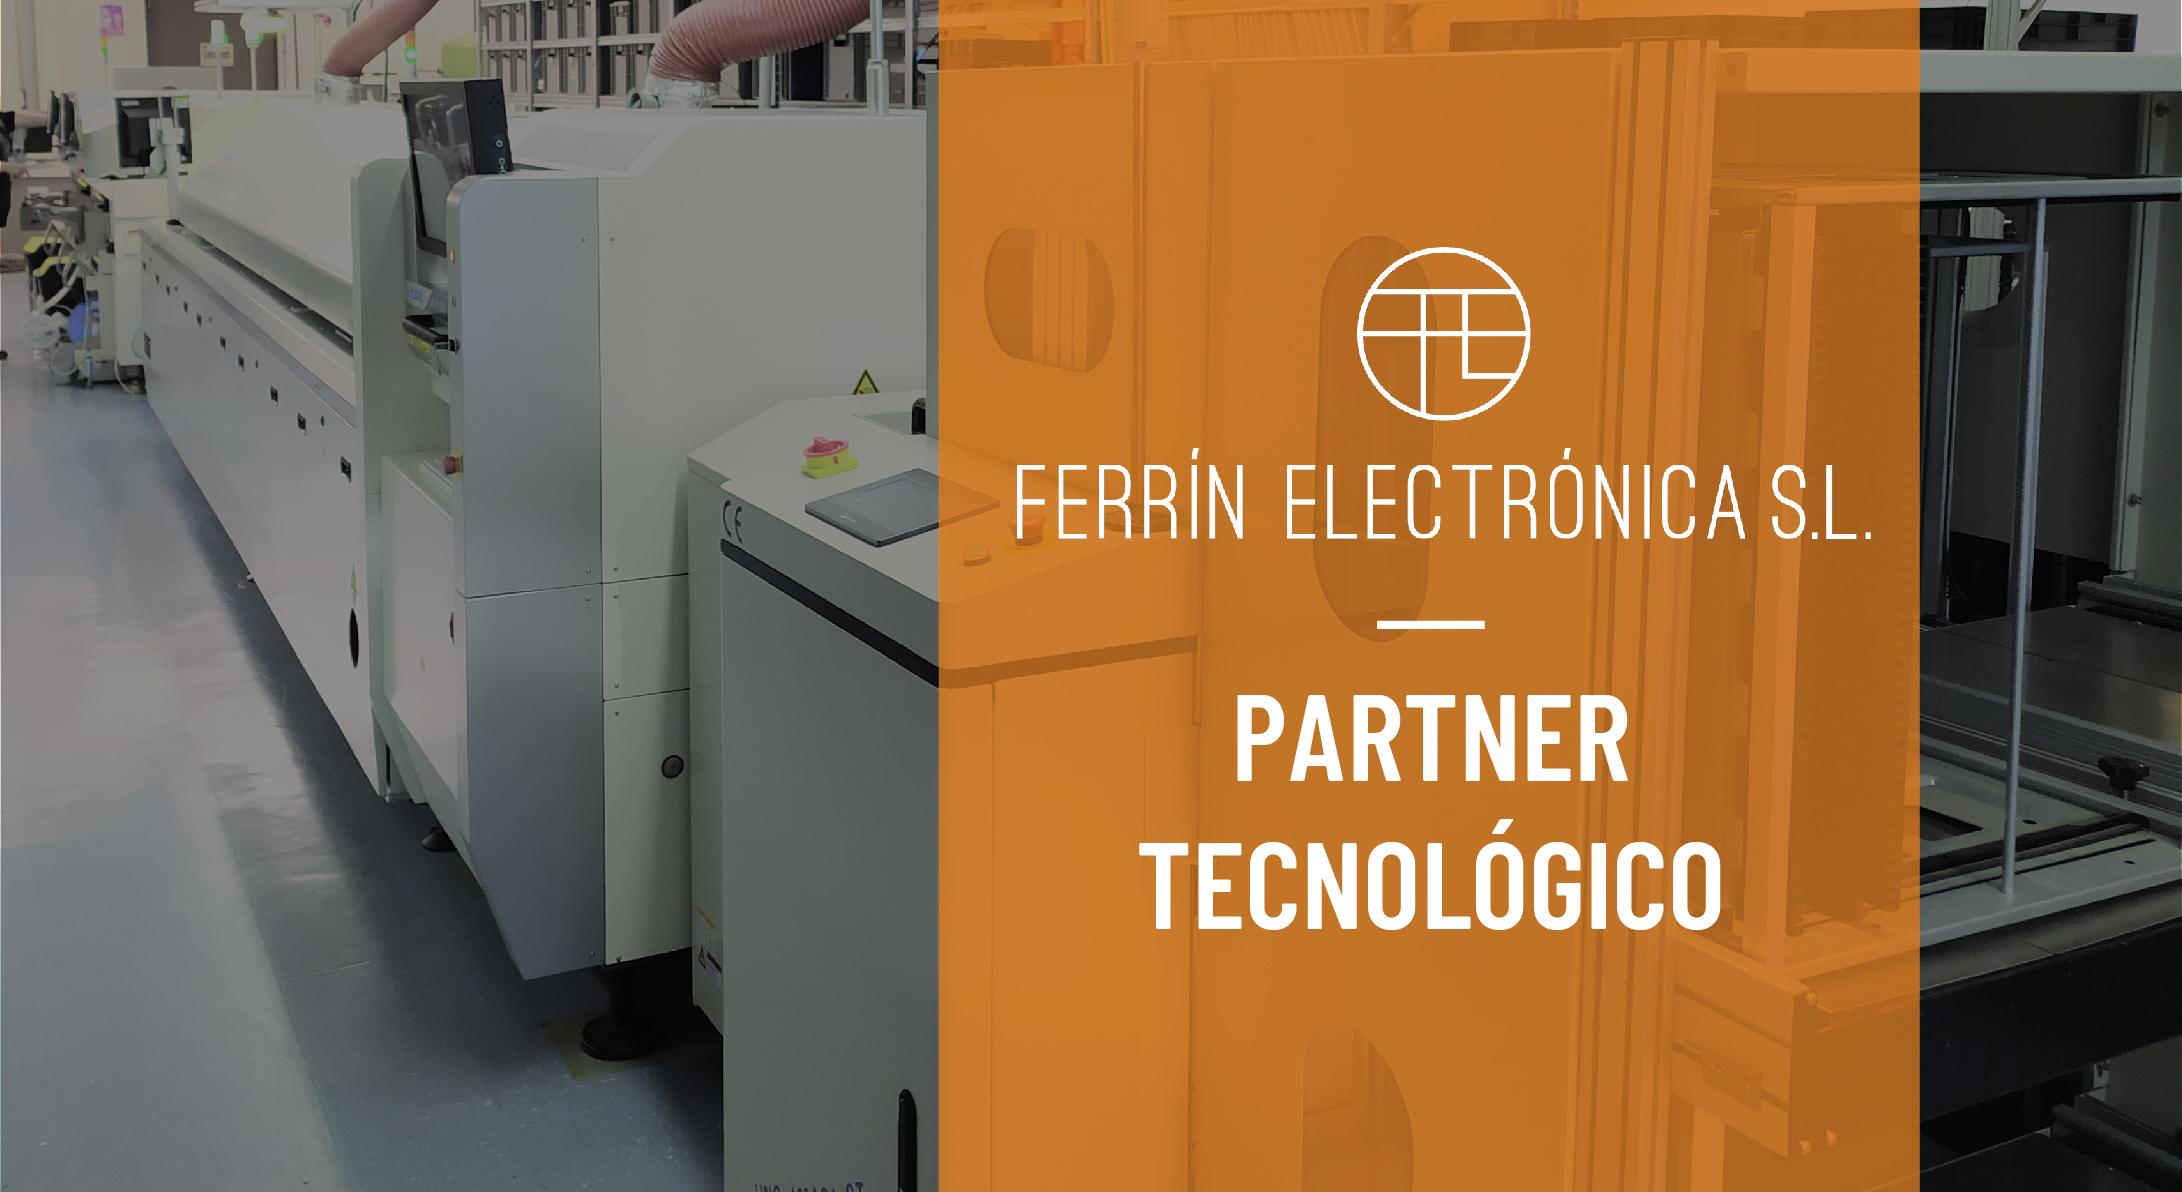 Fabricación electronica, ingenieria electronica